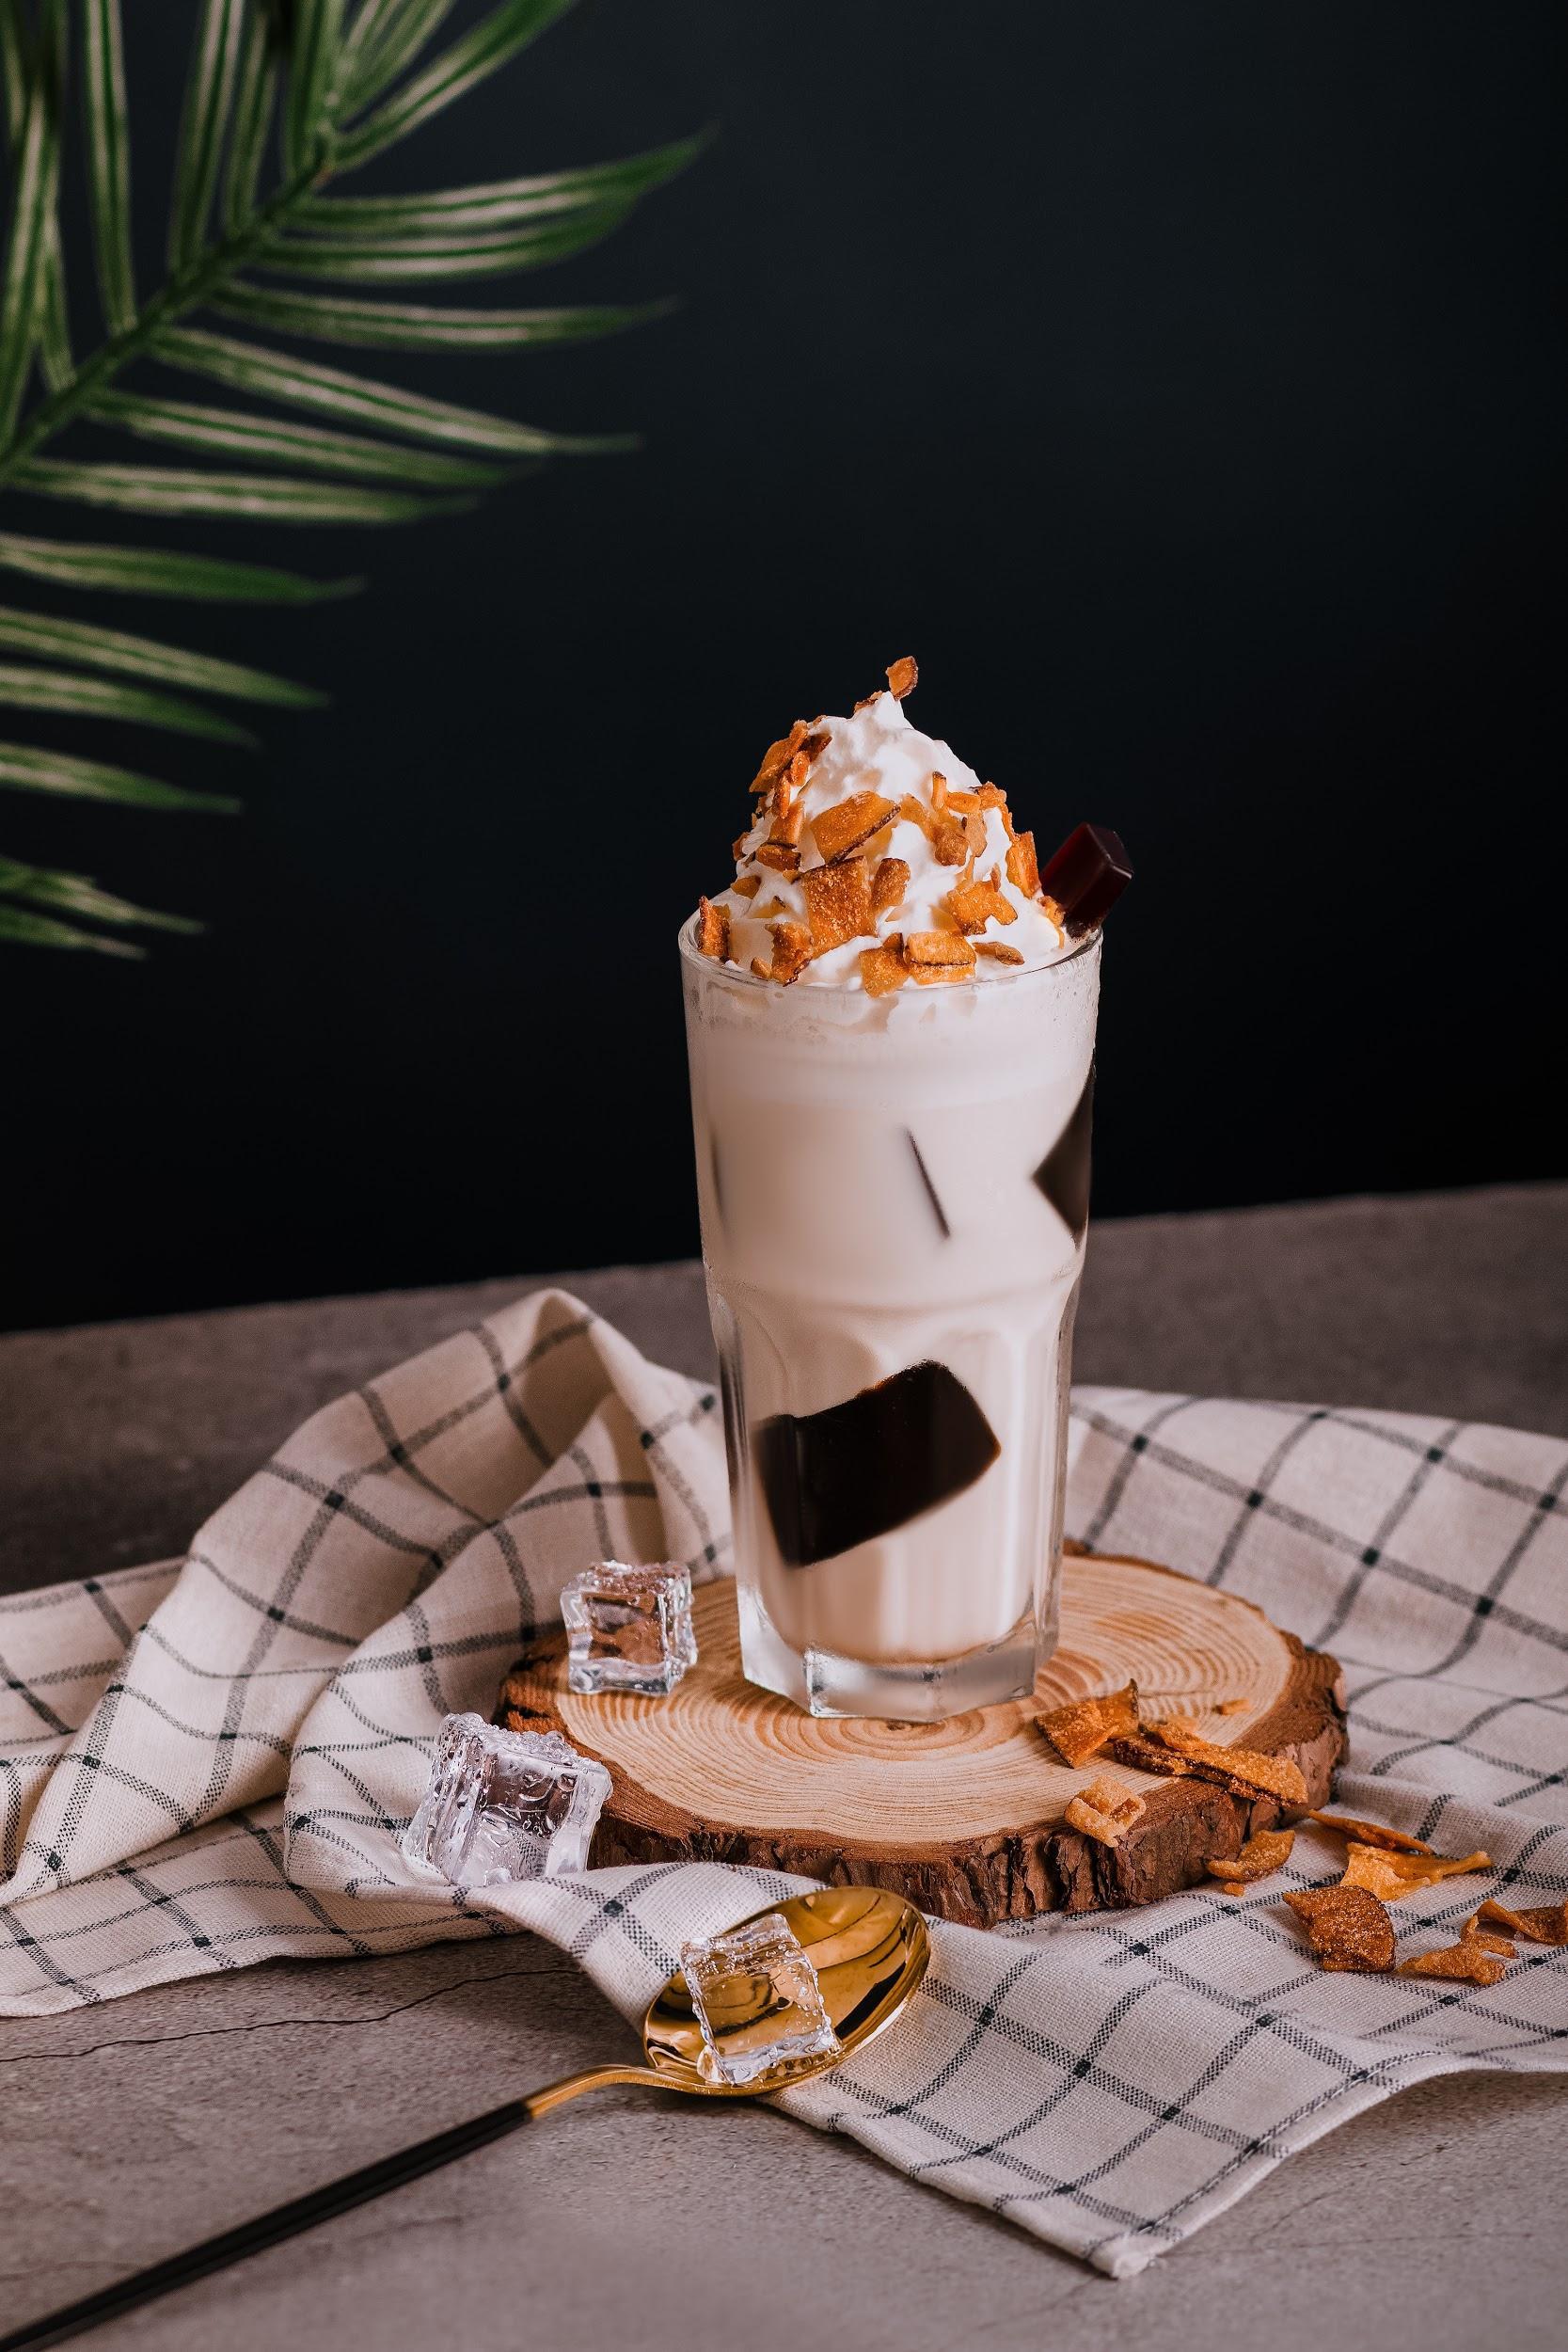 Hết Dalgona Coffee, trứng bồng bềnh, nay lại có hai công thức cà phê mới cho giới trẻ tha hồ trổ tài pha chế tại nhà chuẩn như ngoài tiệm - Ảnh 4.